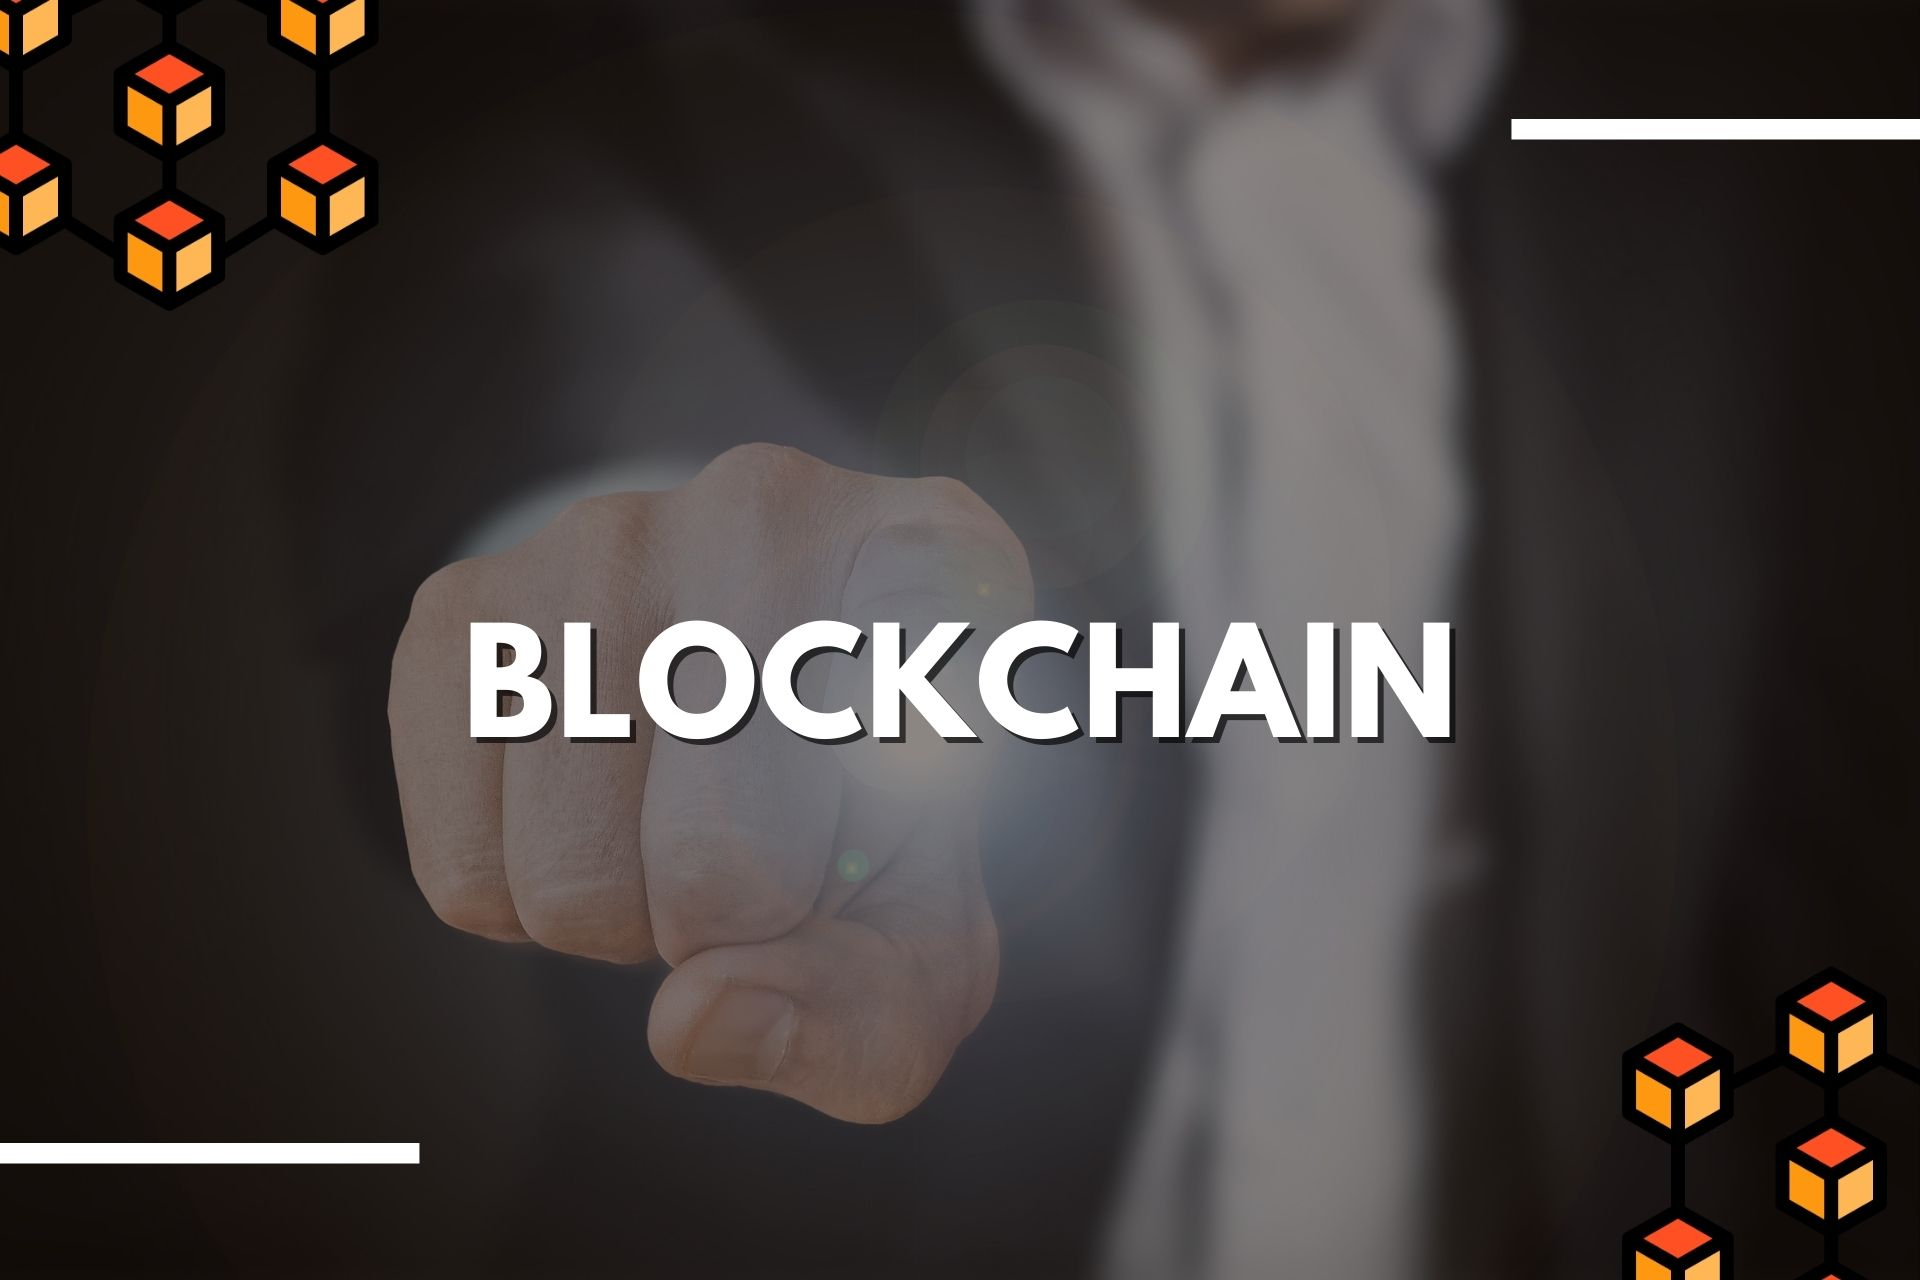 Una asociación entre R3 y la firma Mphasis permitirá el lanzamiento de una plataforma blockchain de pagos y financiamiento comercial para empresas